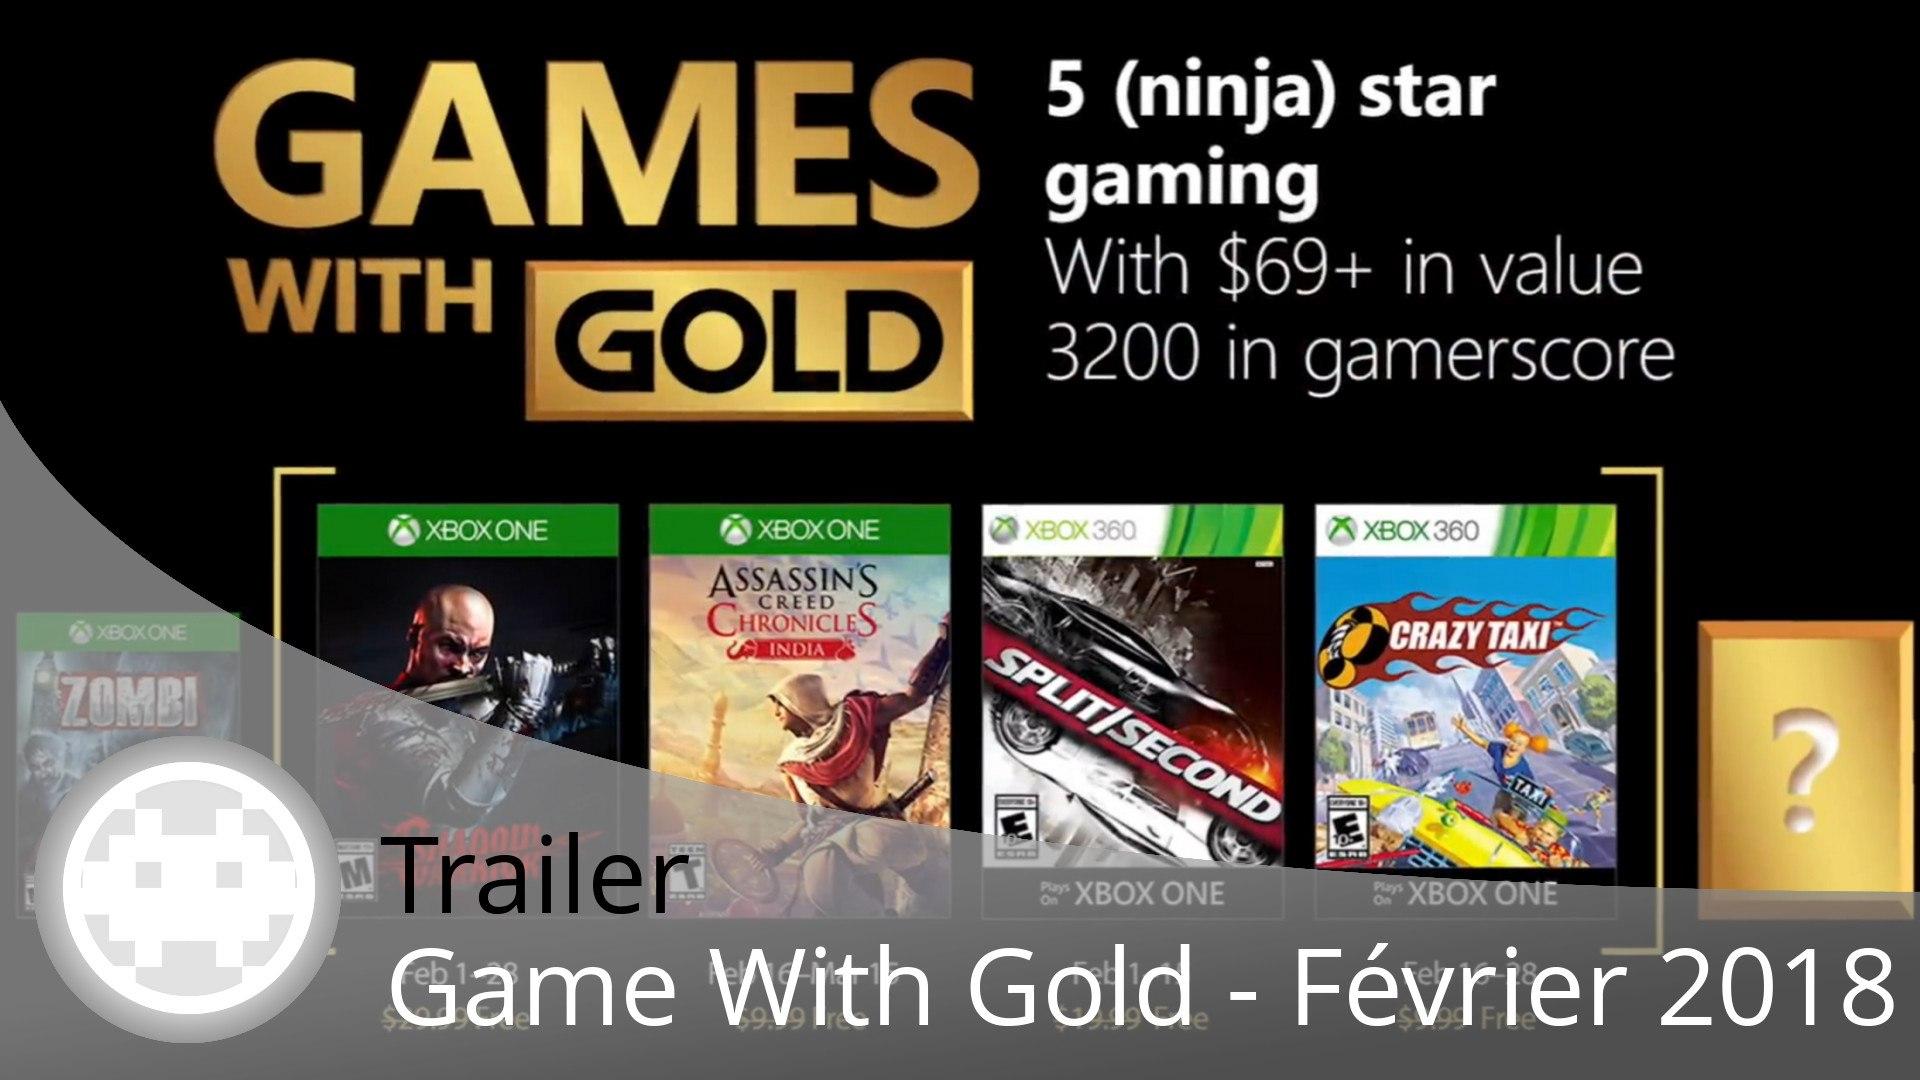 Trailer - Game With Gold - Les jeux gratuits de Février 2018 en vidéo sur Xbox One et Xbox 360